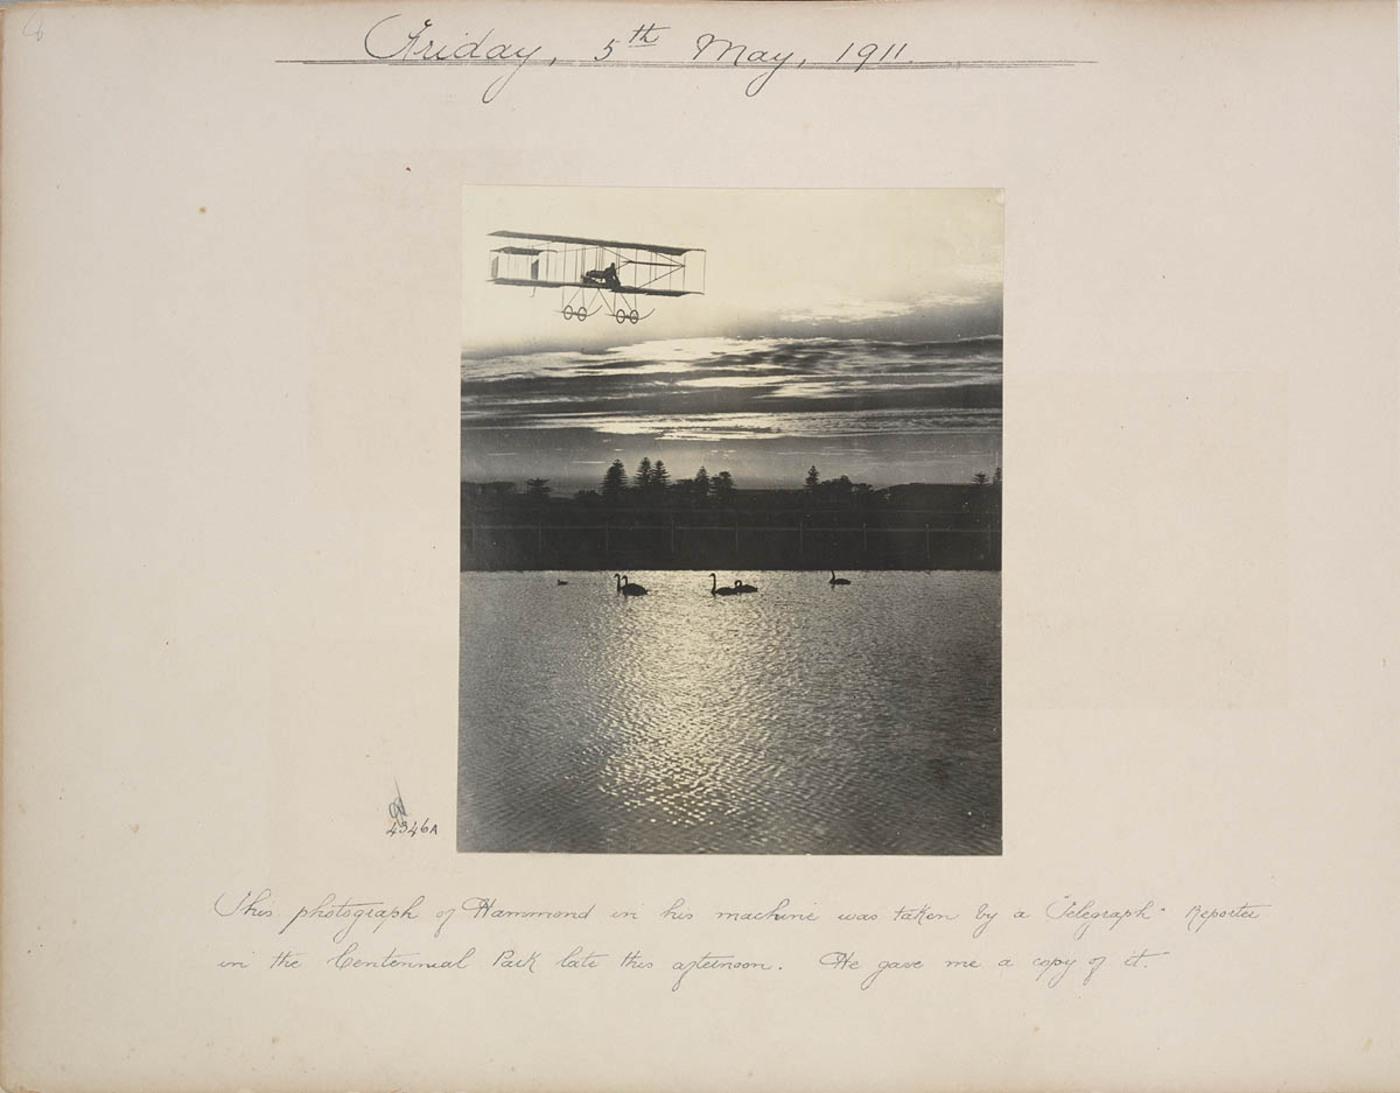 J.J. Hammond's first flight in Sydney, 1911